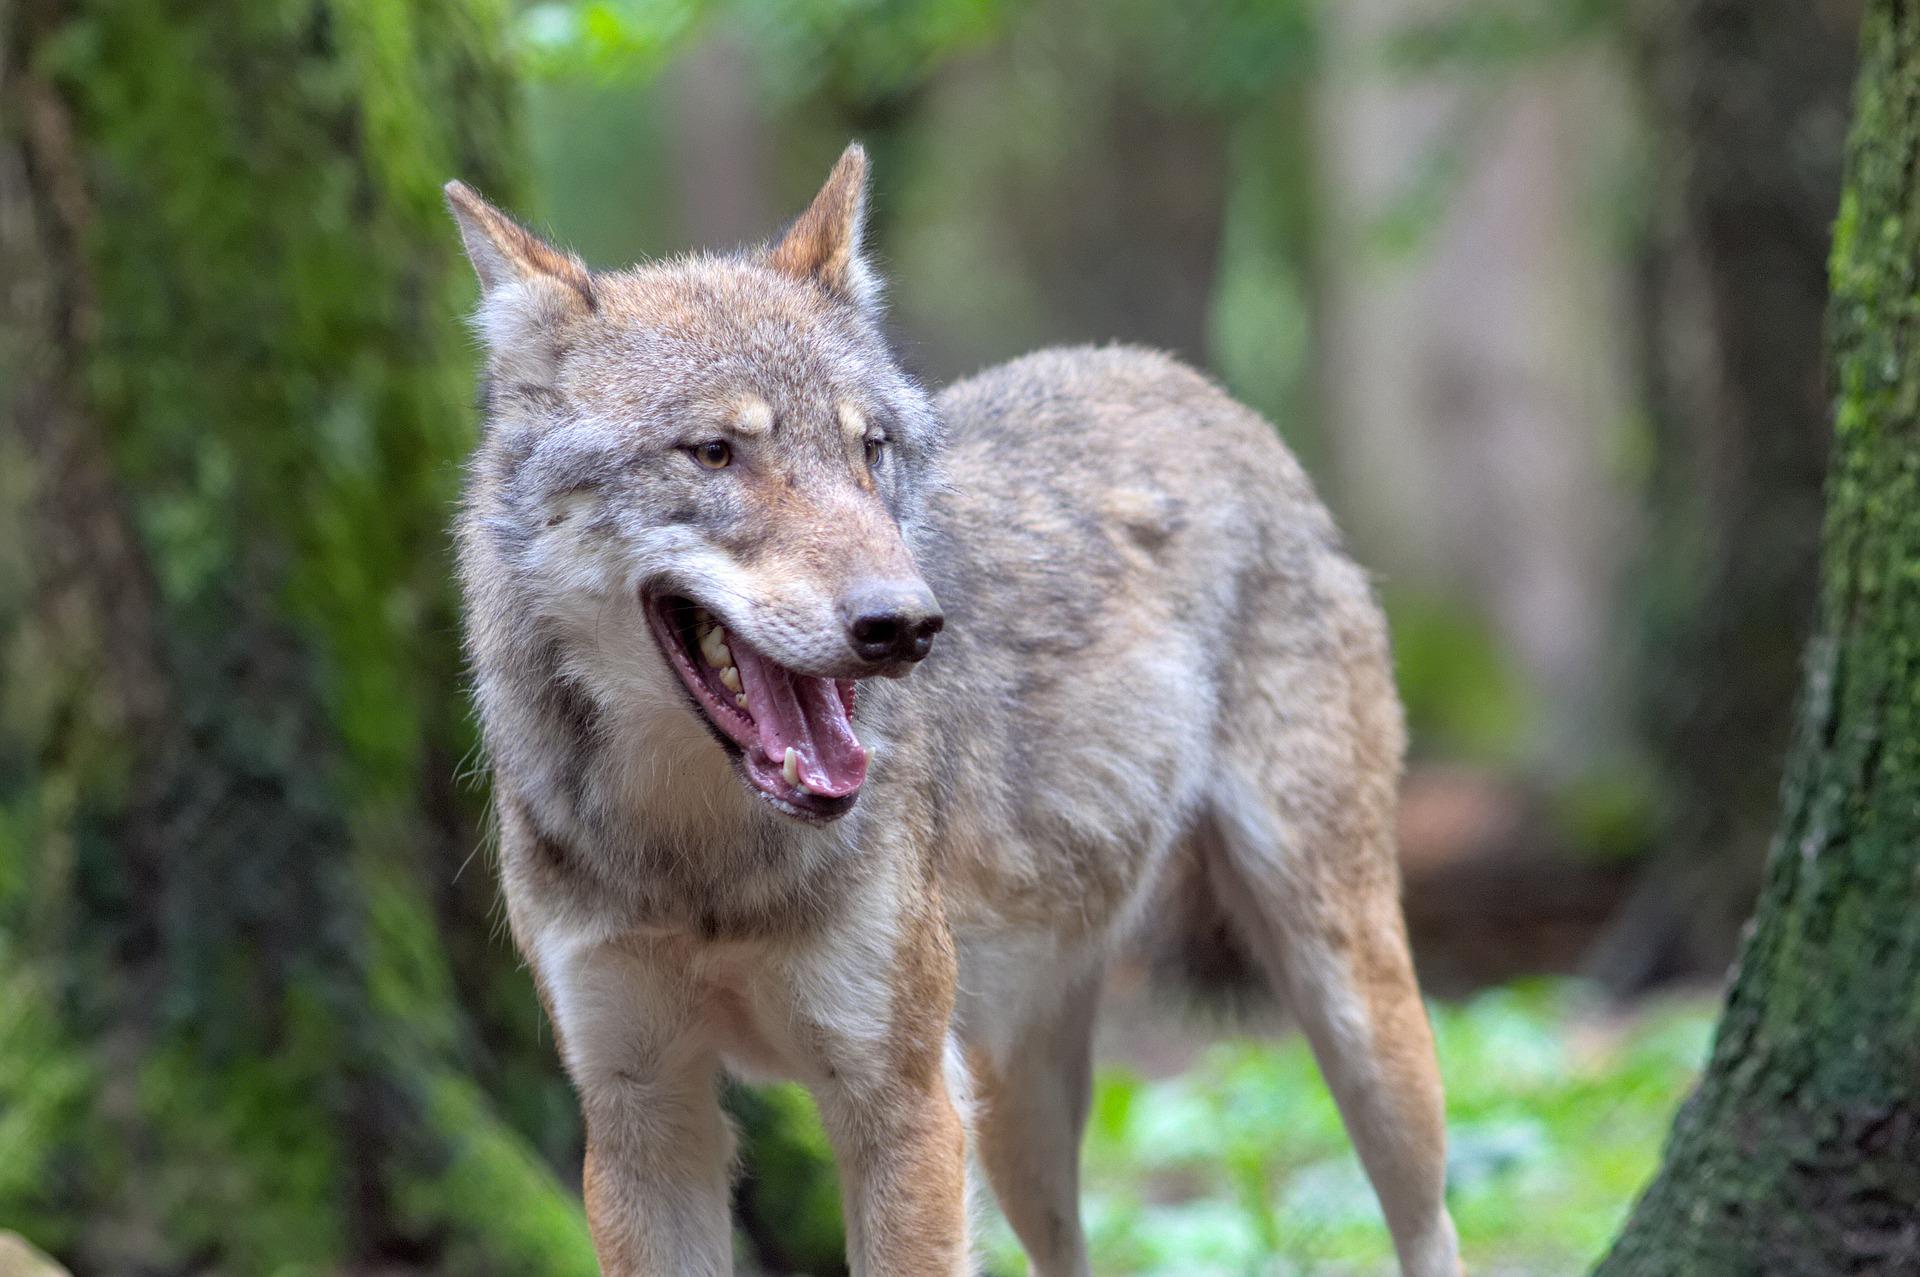 Wilki na terenie powiatu kolbuszowskiego. Urząd ostrzega mieszkańców  - Zdjęcie główne